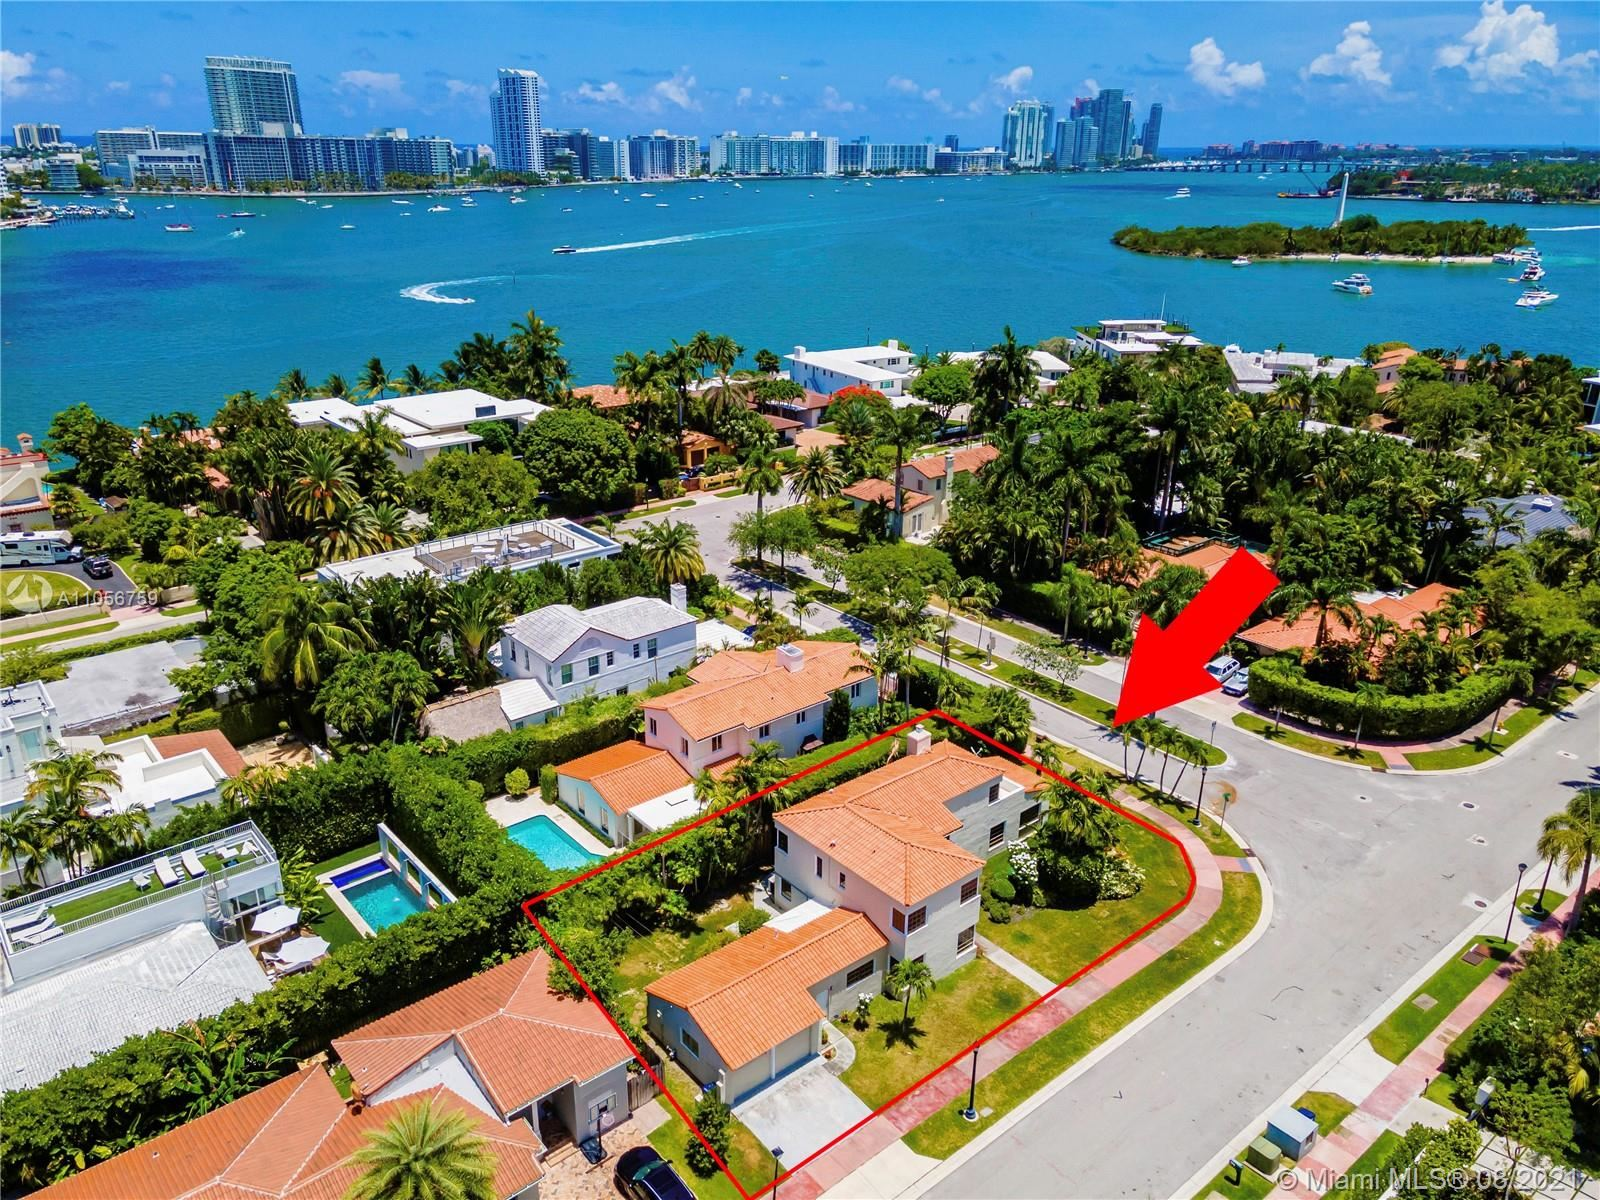 107 W Rivo Alto Dr, Miami Beach, FL 33139 - #: A11056759